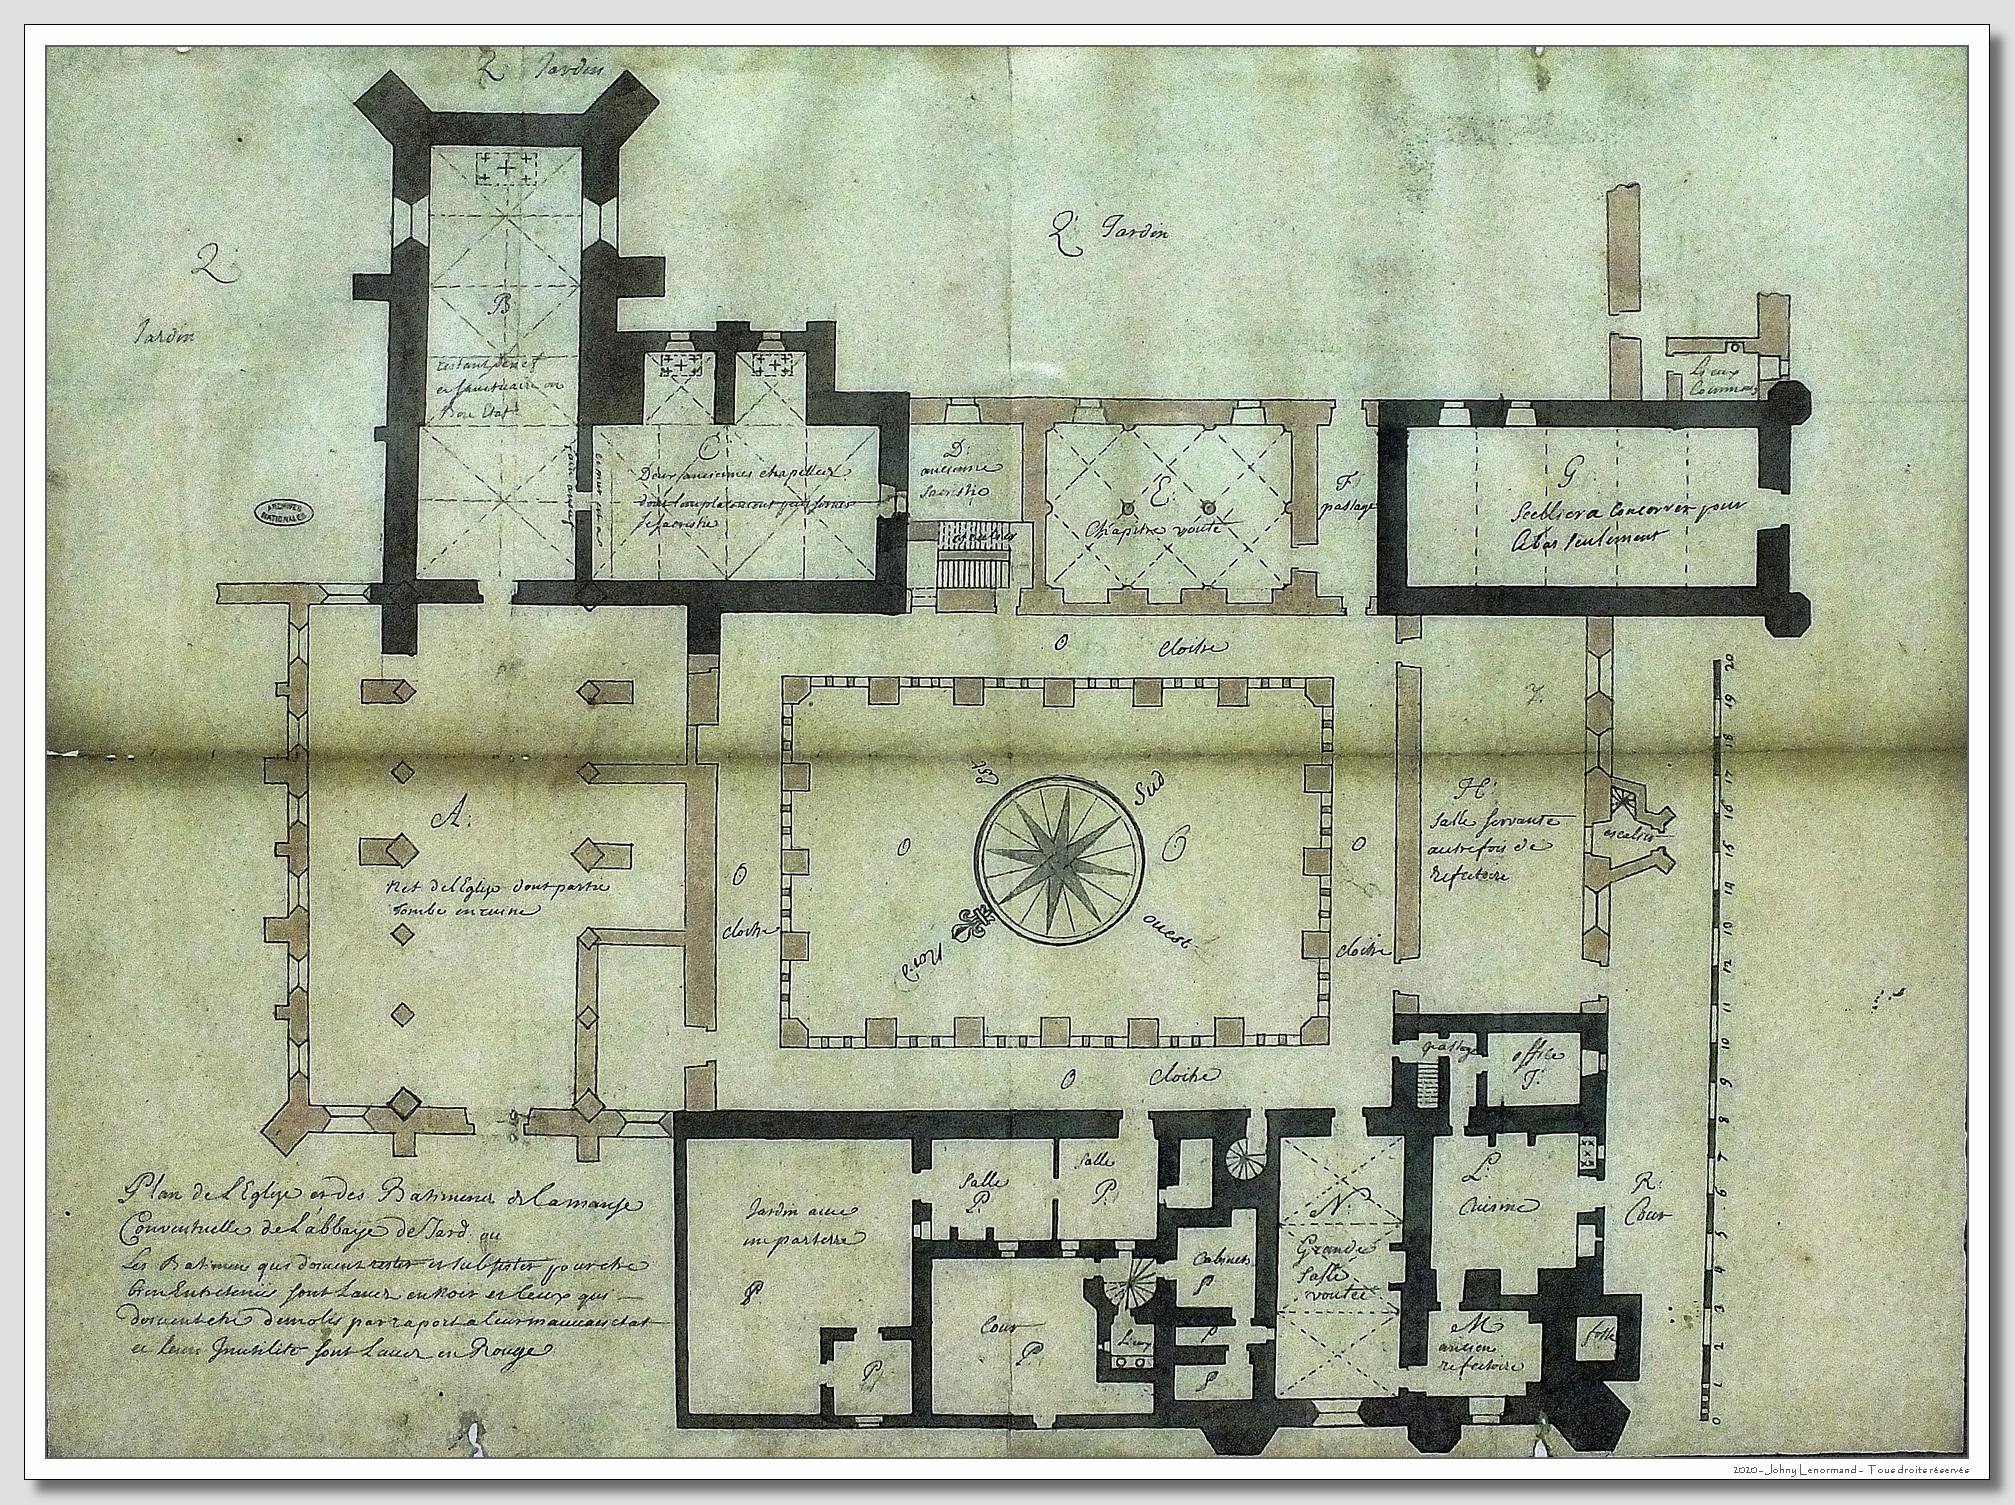 Plan de l'abbaye royale de Lieu Dieu à Jard sur Mer (Vendée)